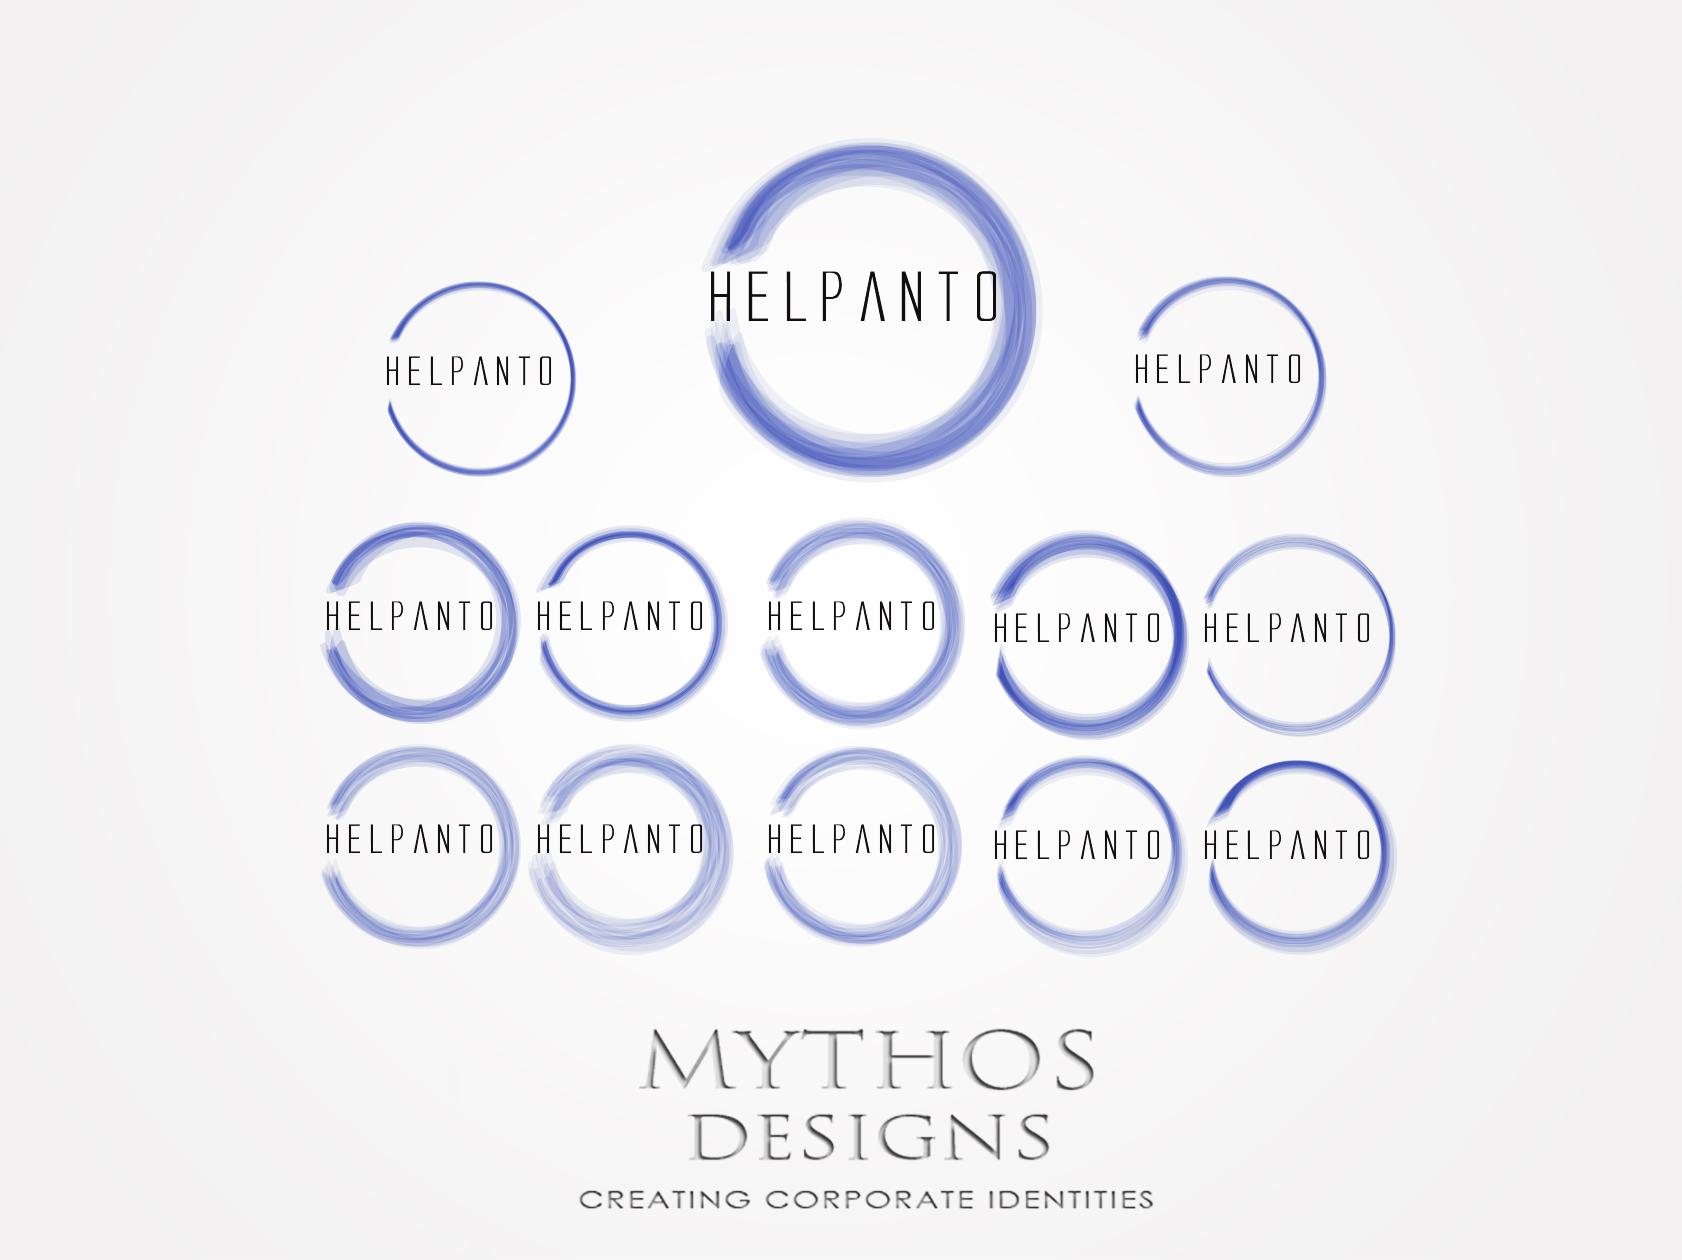 Logo Design by Mythos Designs - Entry No. 108 in the Logo Design Contest Artistic Logo Design for helpanto.